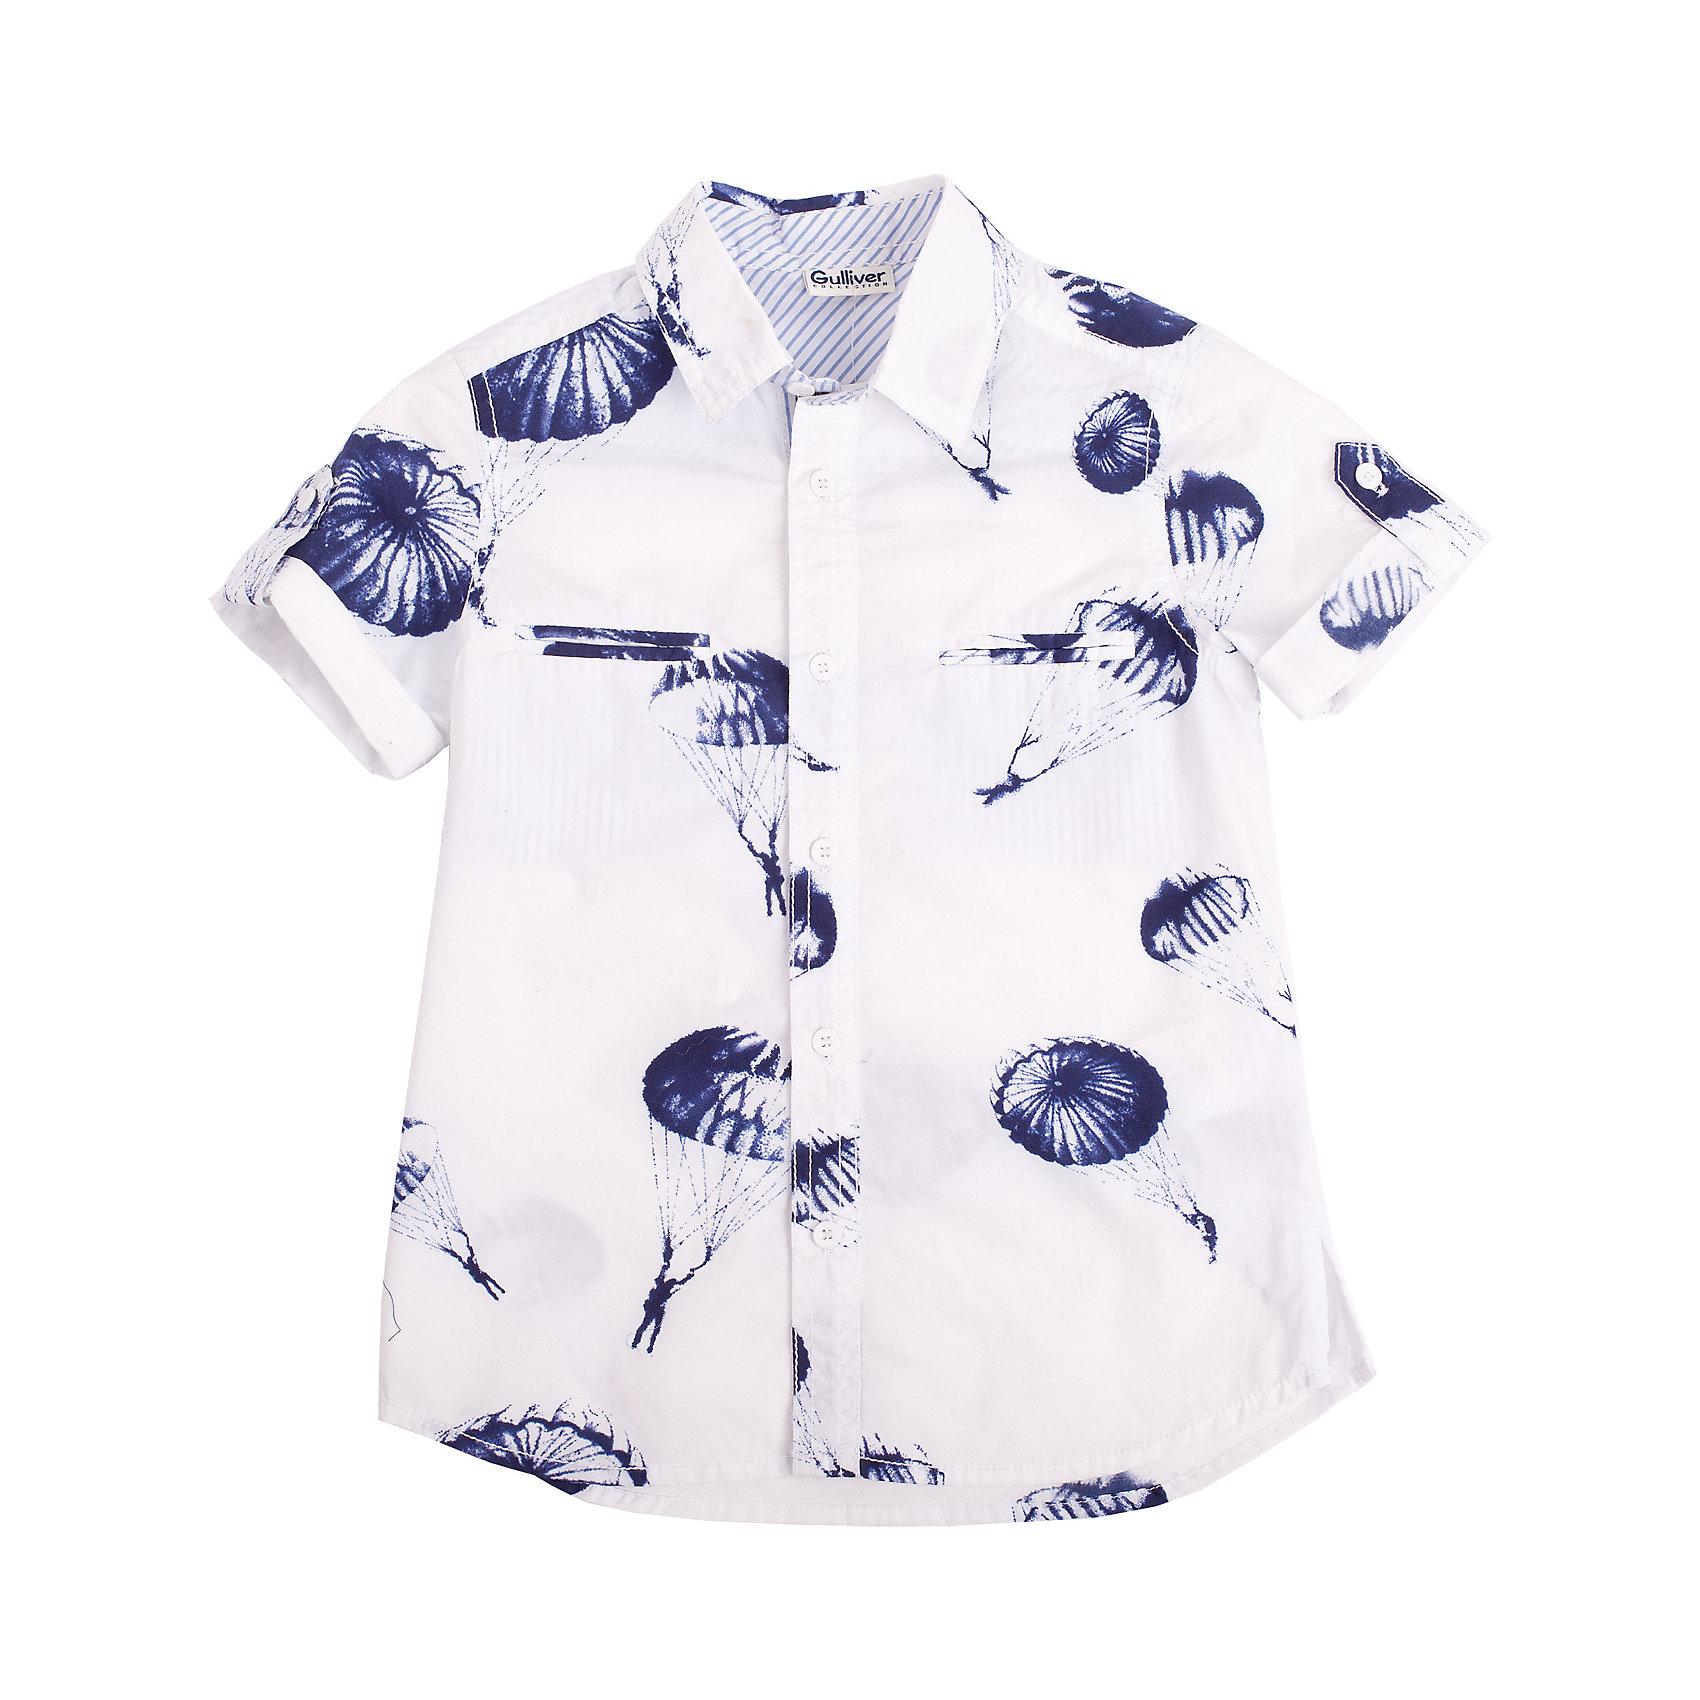 Рубашка для мальчика GulliverБлузки и рубашки<br>Рубашка с коротким рукавом и выразительным принтом для мальчика - хит сезона Весна/Лето 2016! И это не случайно. Она делает образ ребенка свежим, интересным, оригинальным! Рубашка с классным графическим рисунком в стиле коллекции Воздухоплаватели выполнена из 100% хлопка. Она имеет модный силуэт и, естественно, носится только навыпуск! Если вы решили купить стильную рубашку для мальчика, присмотритесь к этой модели! Великолепный принт, удобная форма, эффектная отделка, отличное качество, бесспорно, придутся по вкусу ее обладателю!<br>Состав:<br>100% хлопок<br><br>Ширина мм: 174<br>Глубина мм: 10<br>Высота мм: 169<br>Вес г: 157<br>Цвет: разноцветный<br>Возраст от месяцев: 48<br>Возраст до месяцев: 60<br>Пол: Мужской<br>Возраст: Детский<br>Размер: 110,104,122,98,116<br>SKU: 4534776